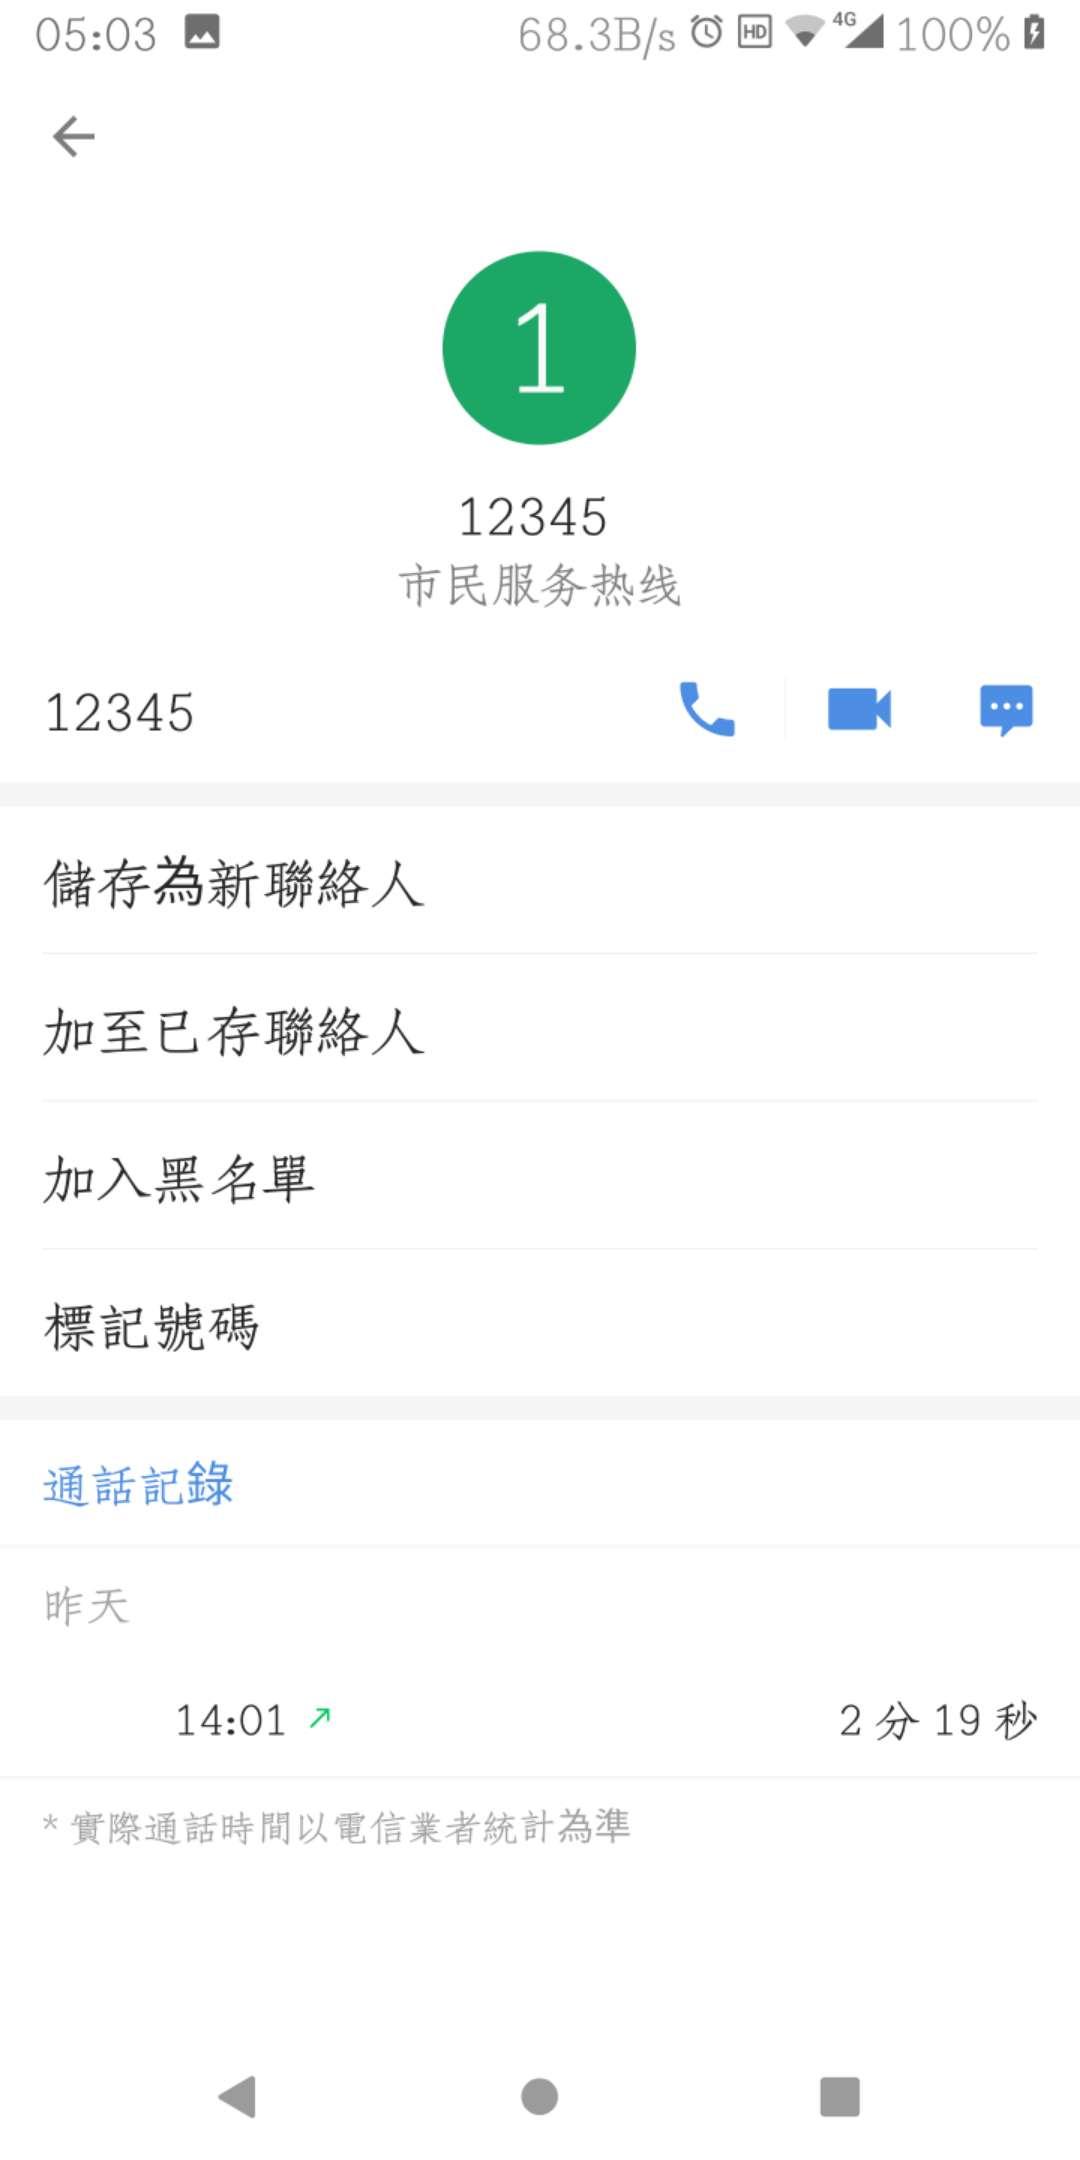 wechat_upload16017619375f78f291565fb